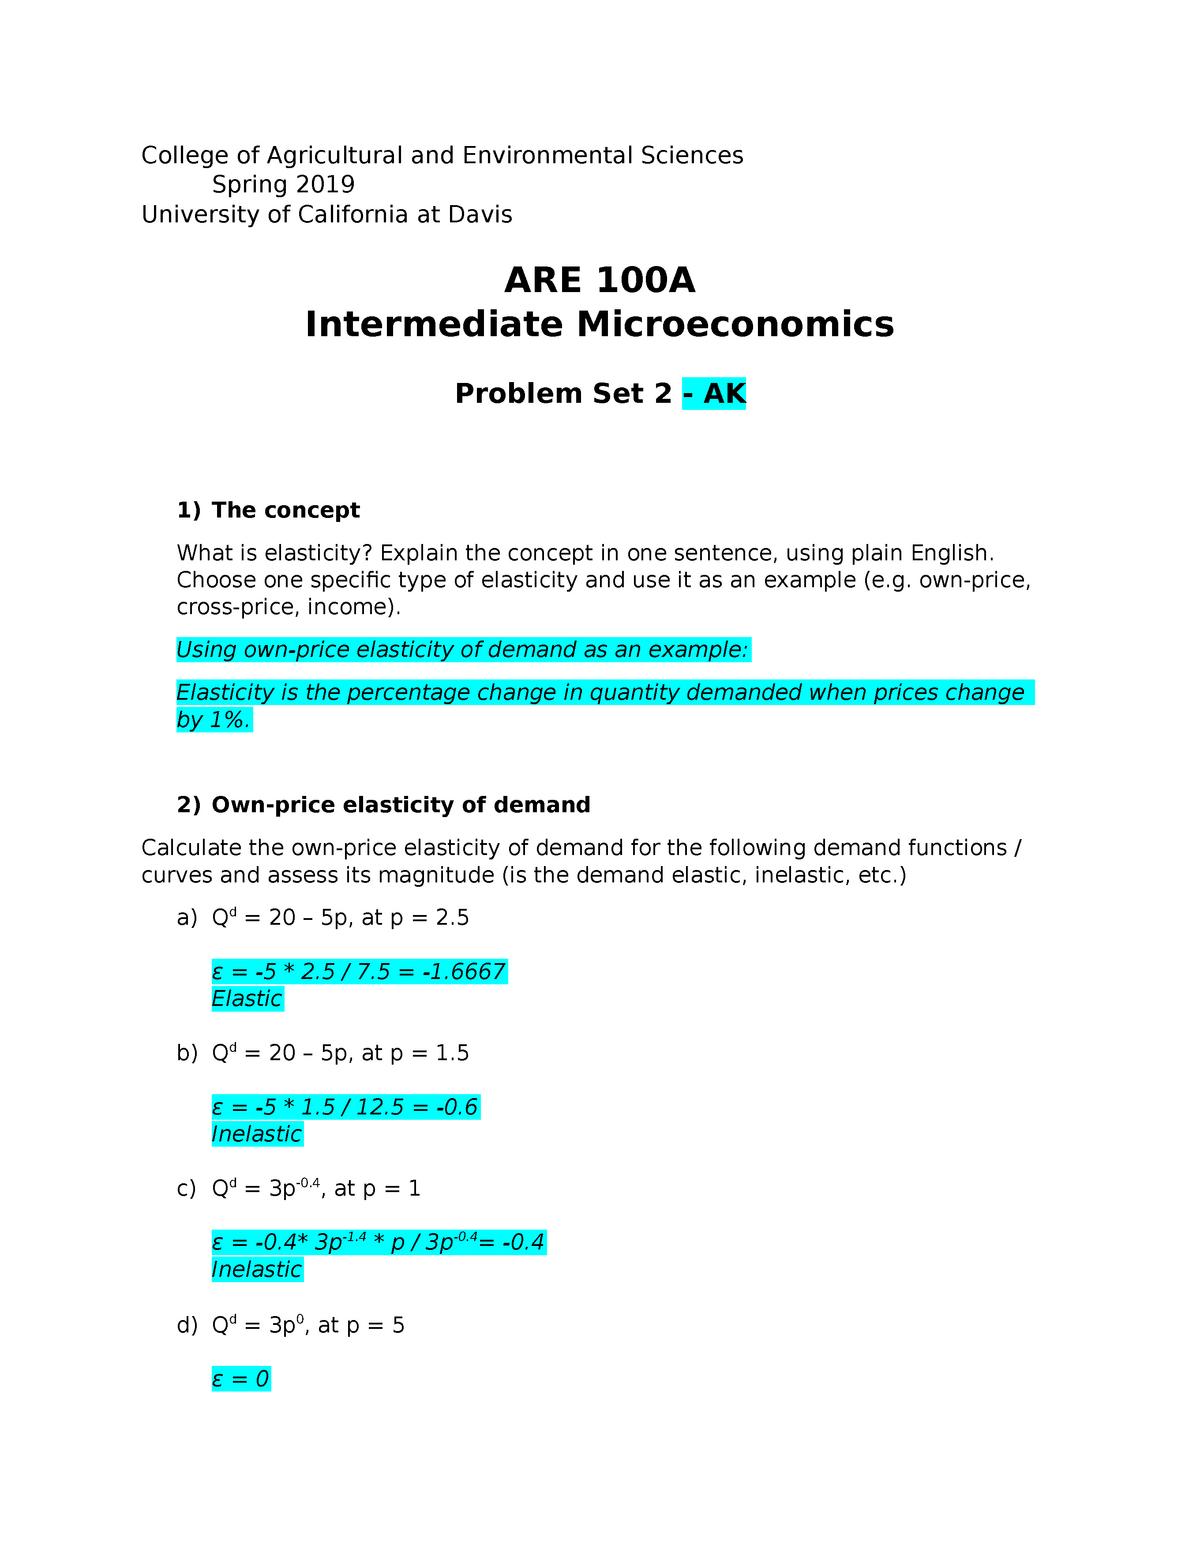 Ps2 Are100a Sq2019 Ak Intermediate Microeconomics Studocu